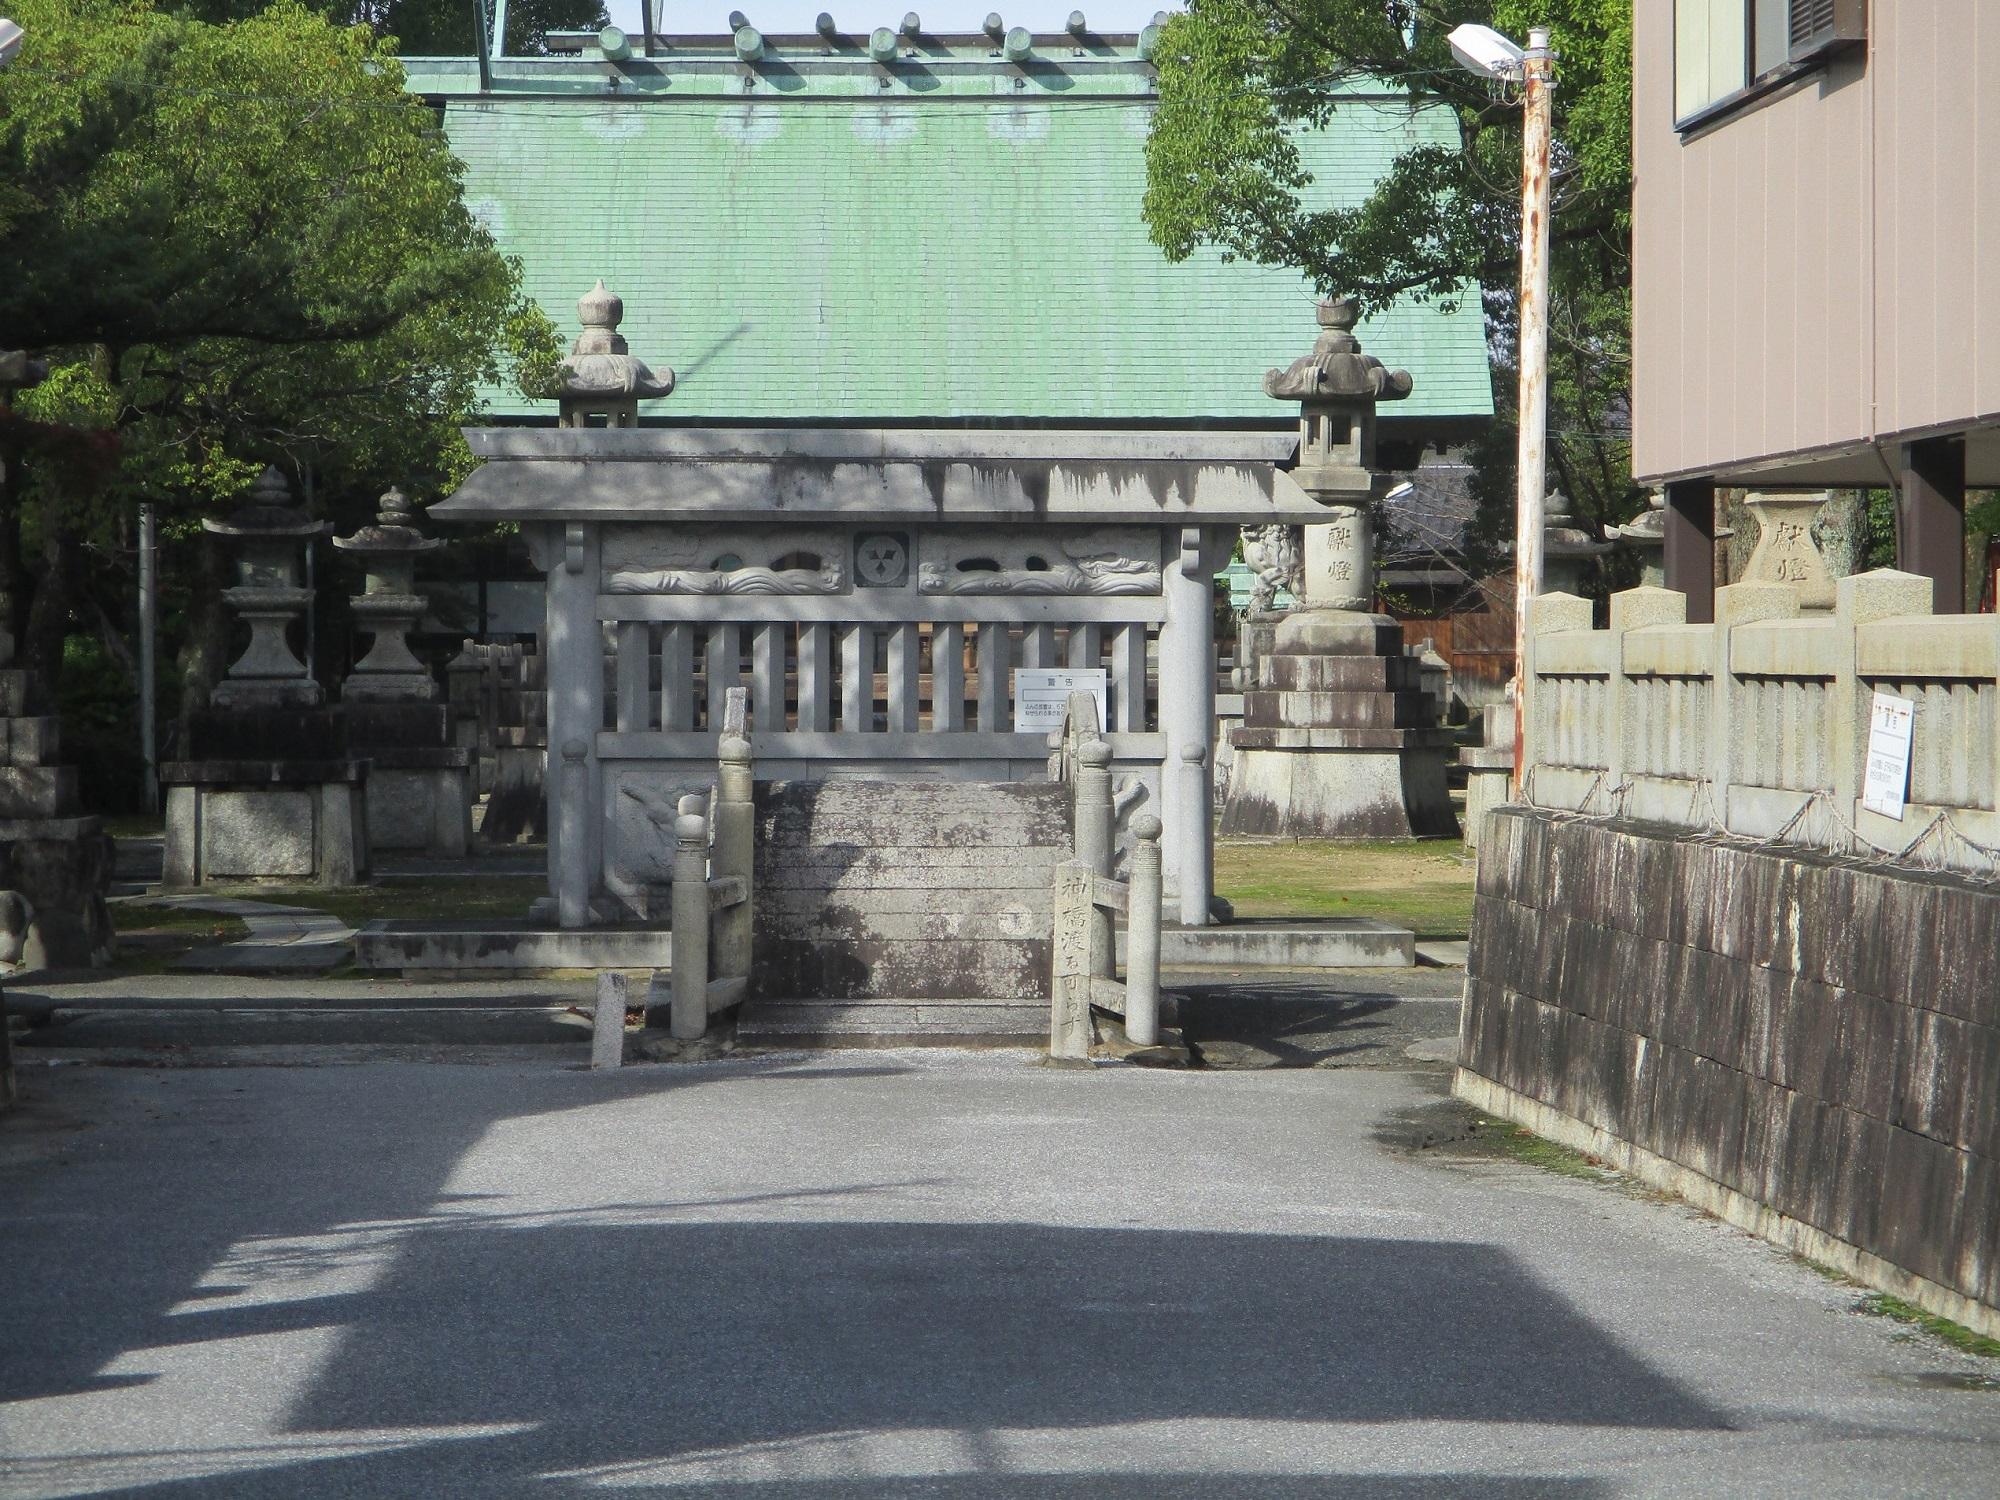 2019.10.23 (102) 貴船神明社 - 太鼓橋 2000-1500